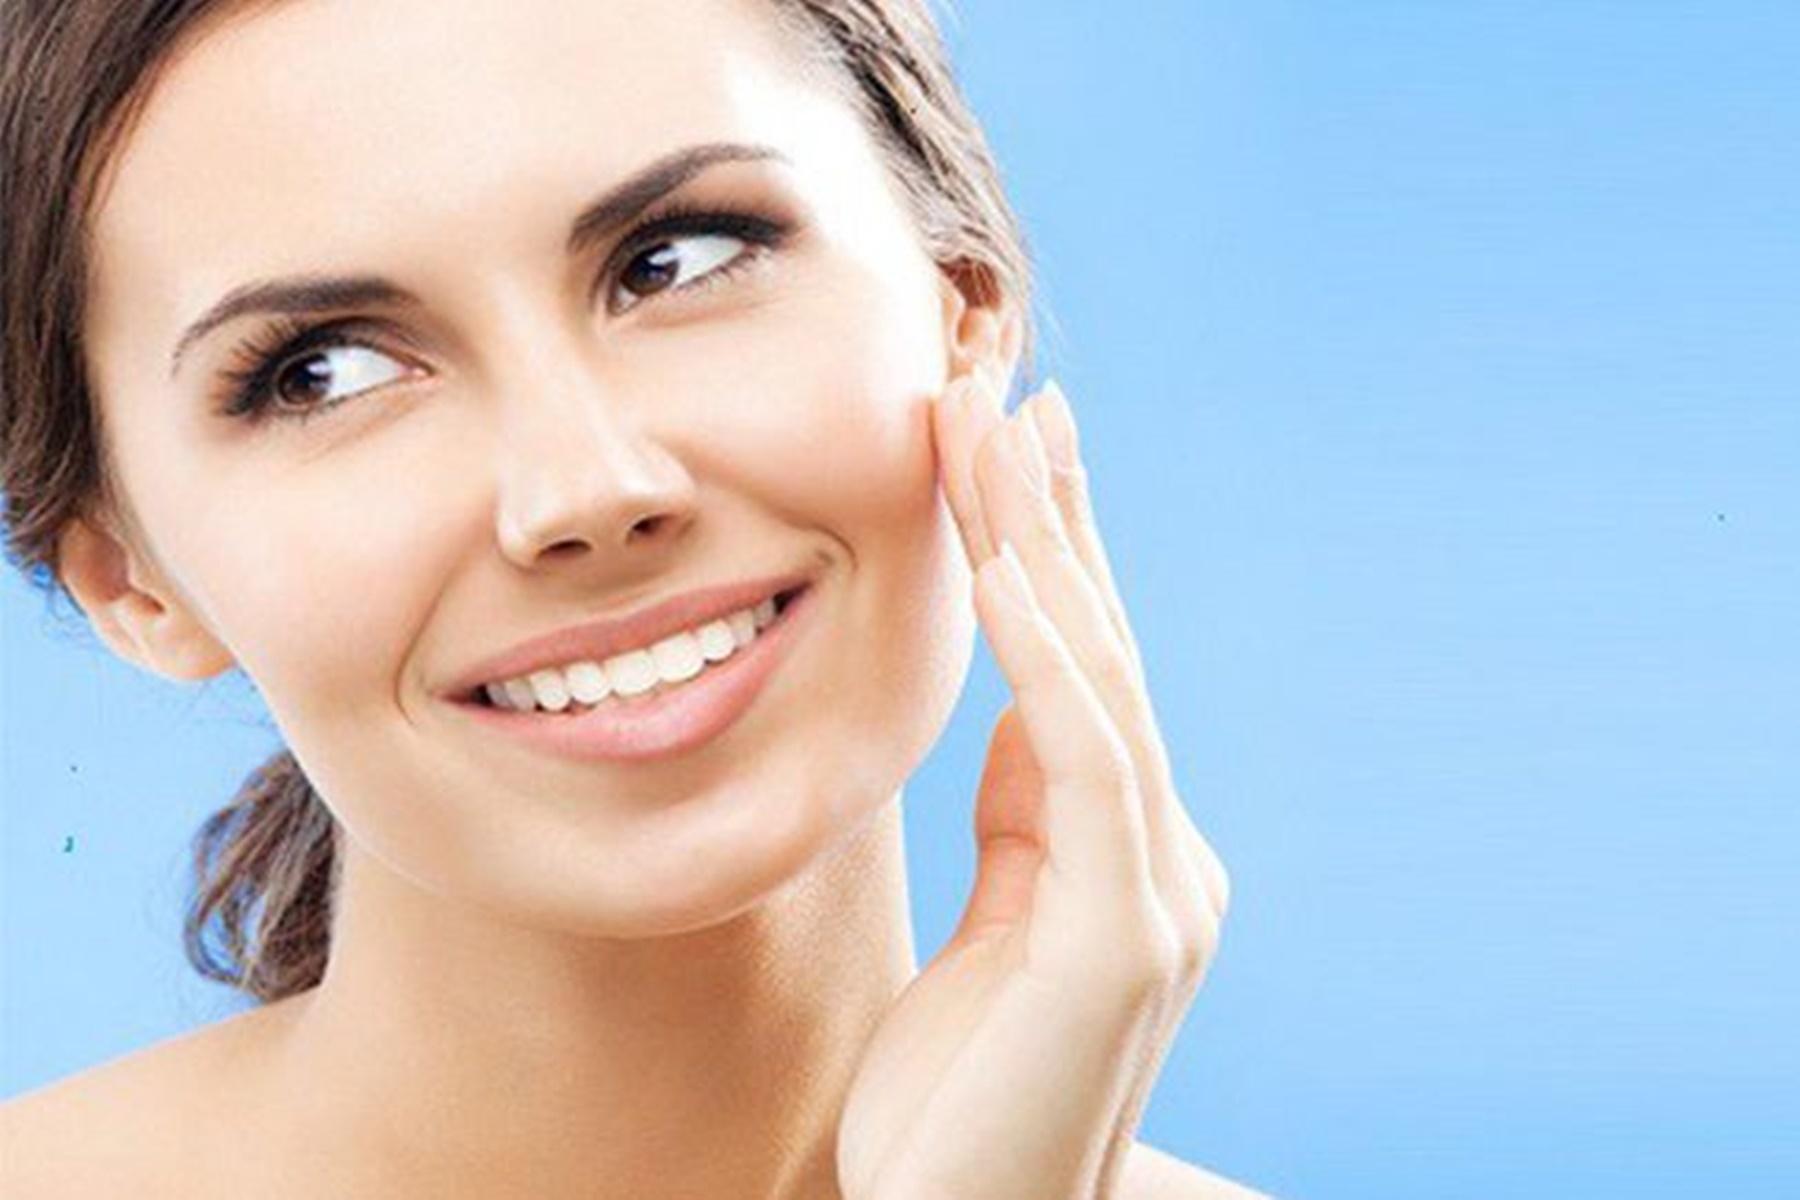 Ομορφιά : 4+1 tips για λαμπερό πρόσωπο